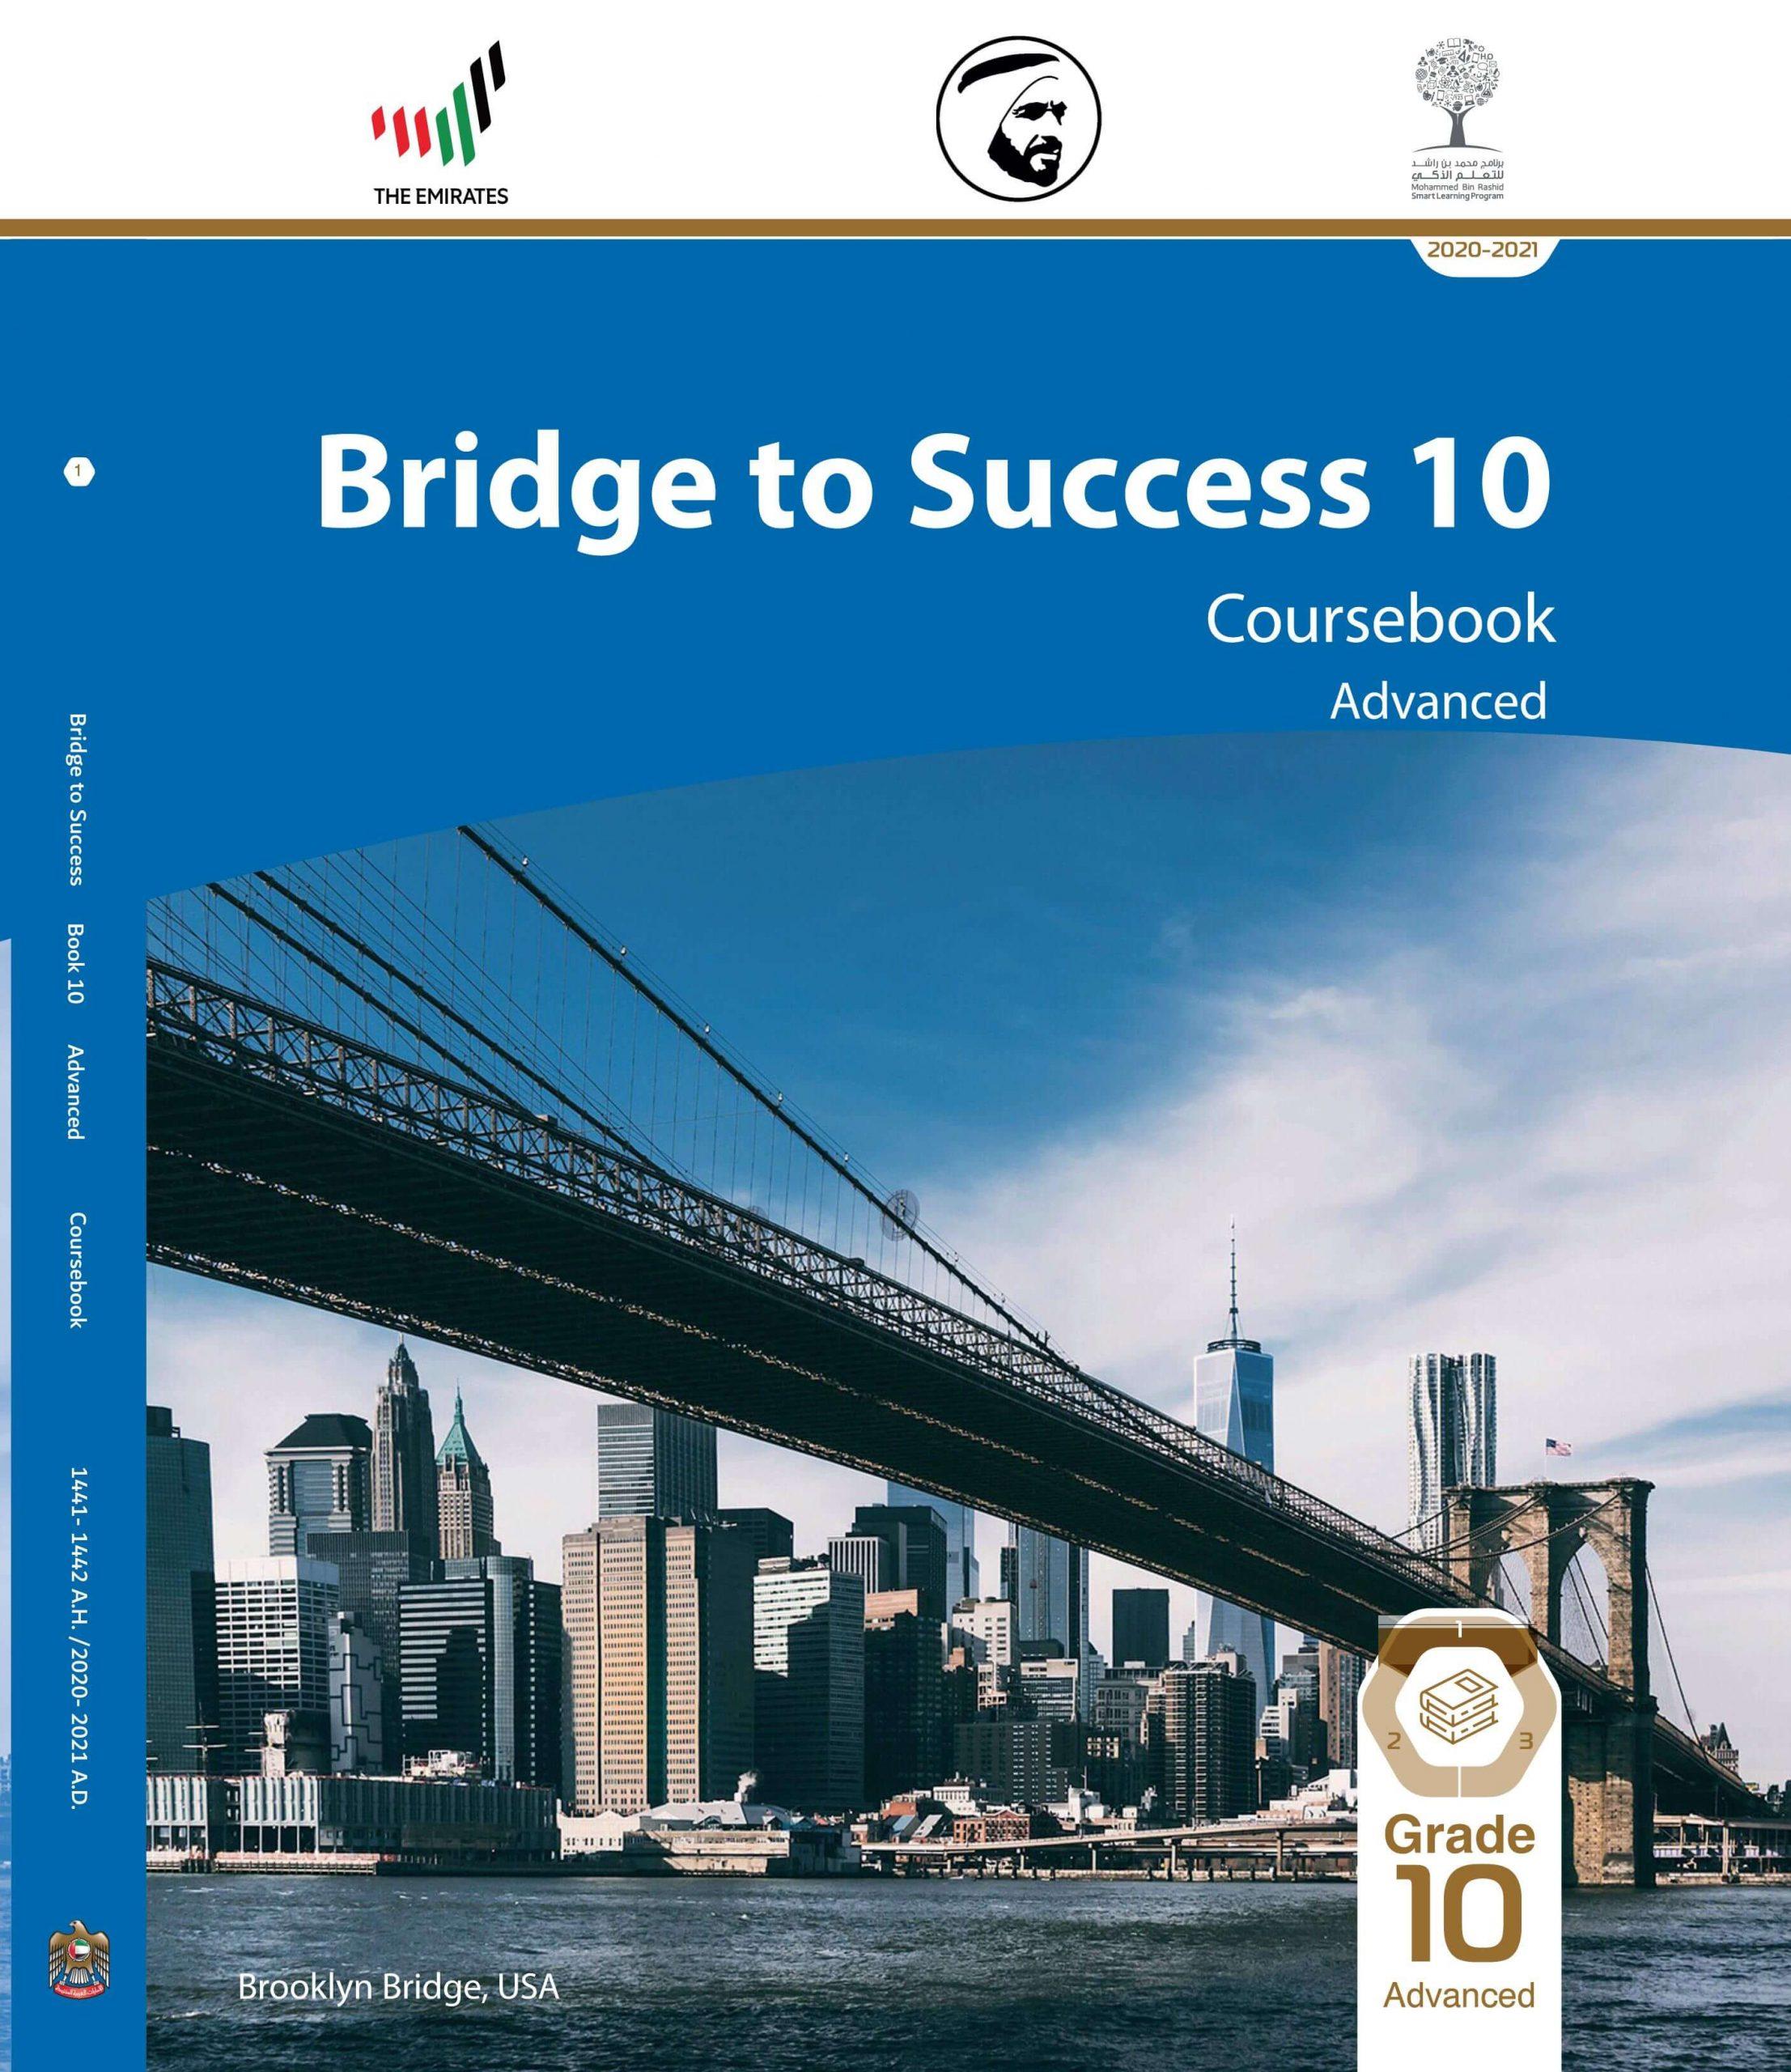 كتاب الطالب 2020 - 2021 Course book للصف العاشر مادة اللغة الانجليزية